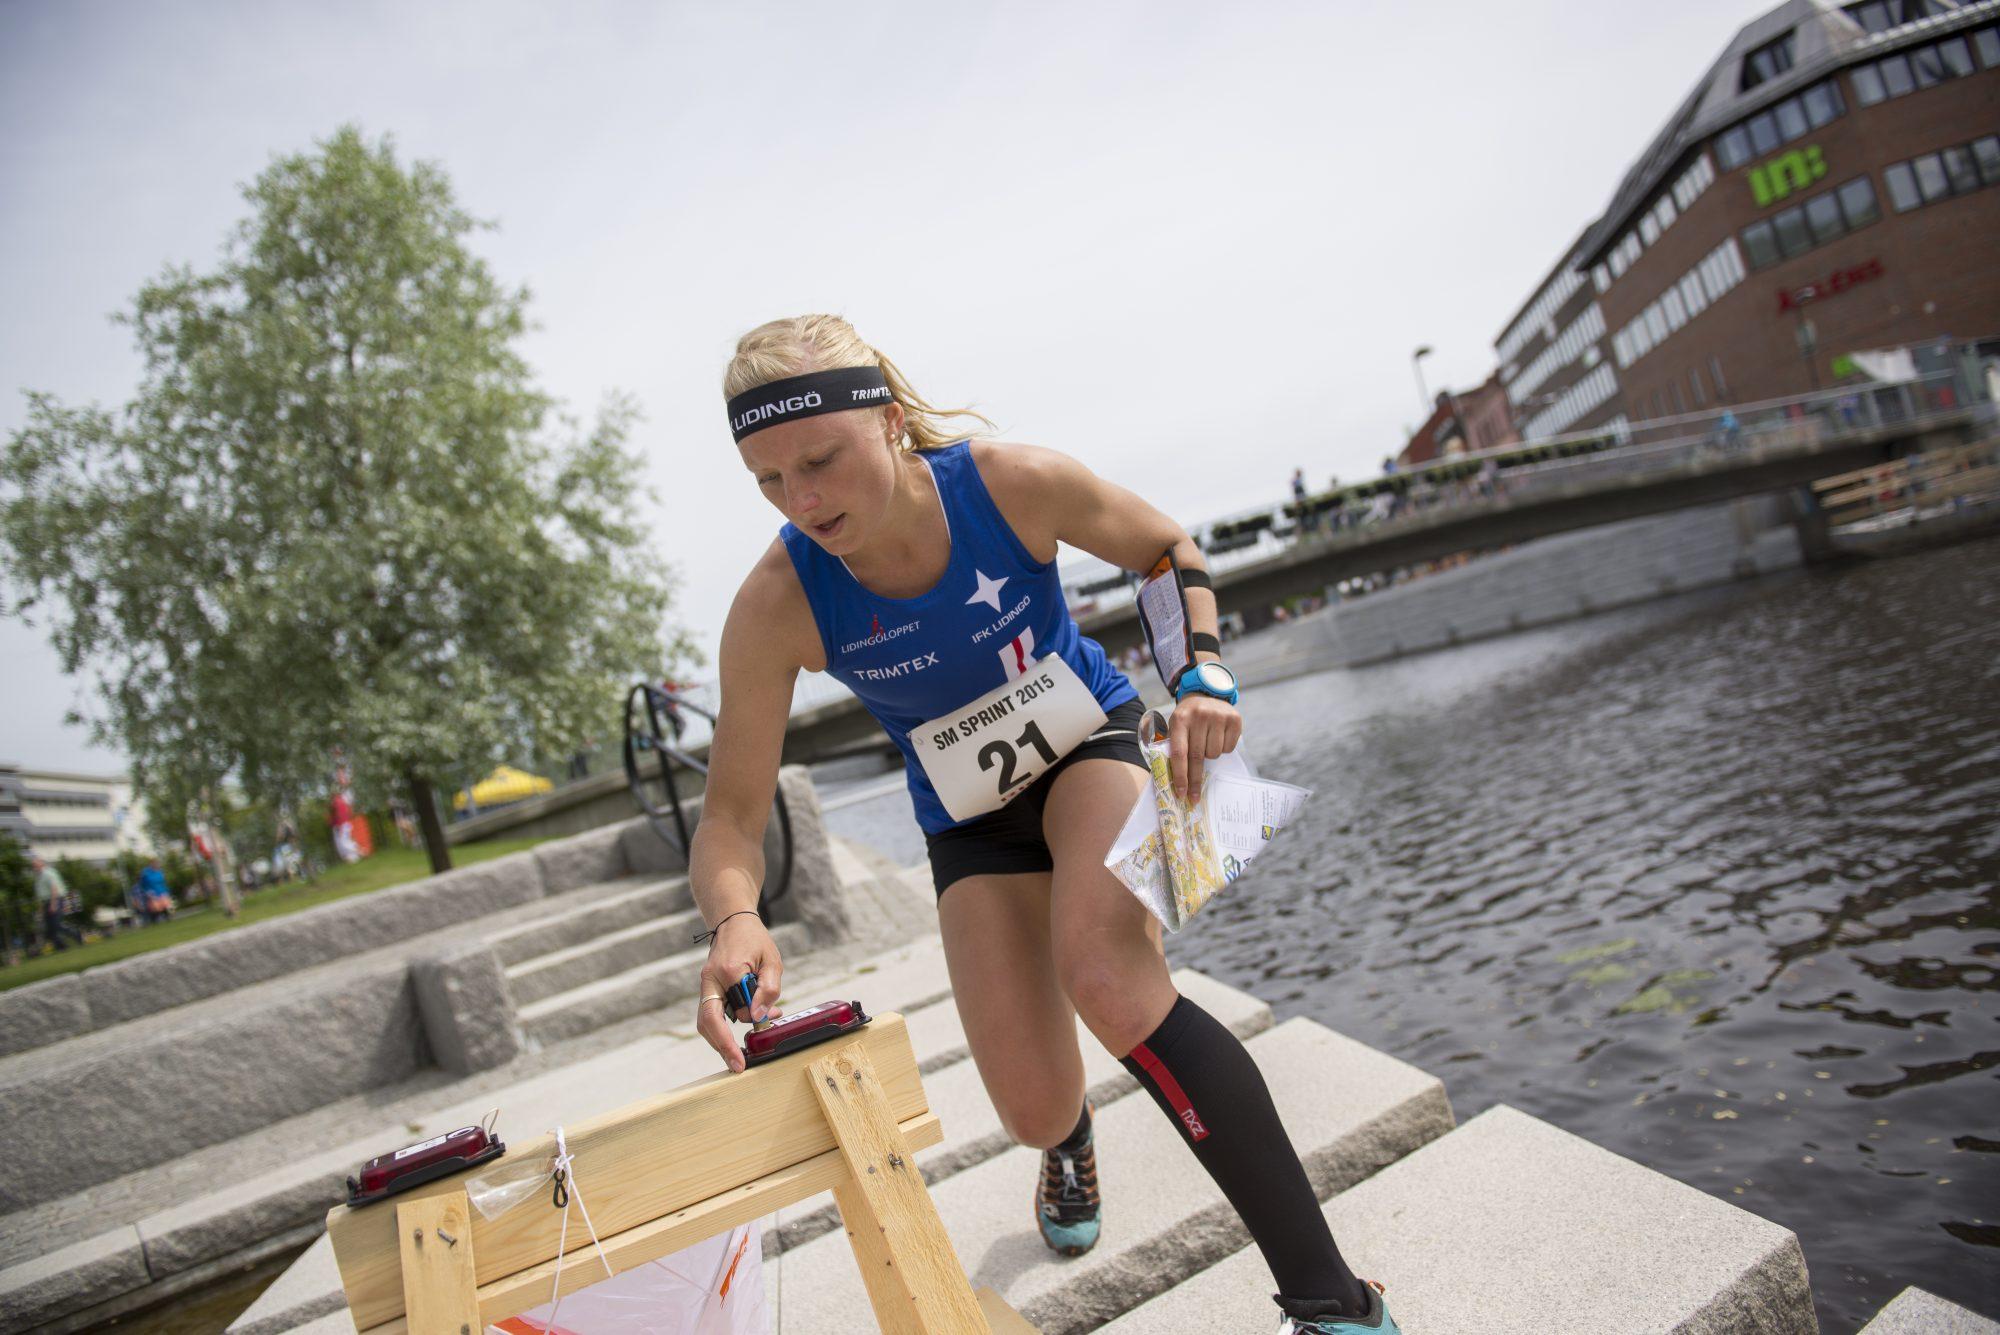 Anna Bachman, IFK Lidingö SOK, under sprintorienteringen dag 2 av SM-veckan den 30 juni 2015 i Sundsvall.